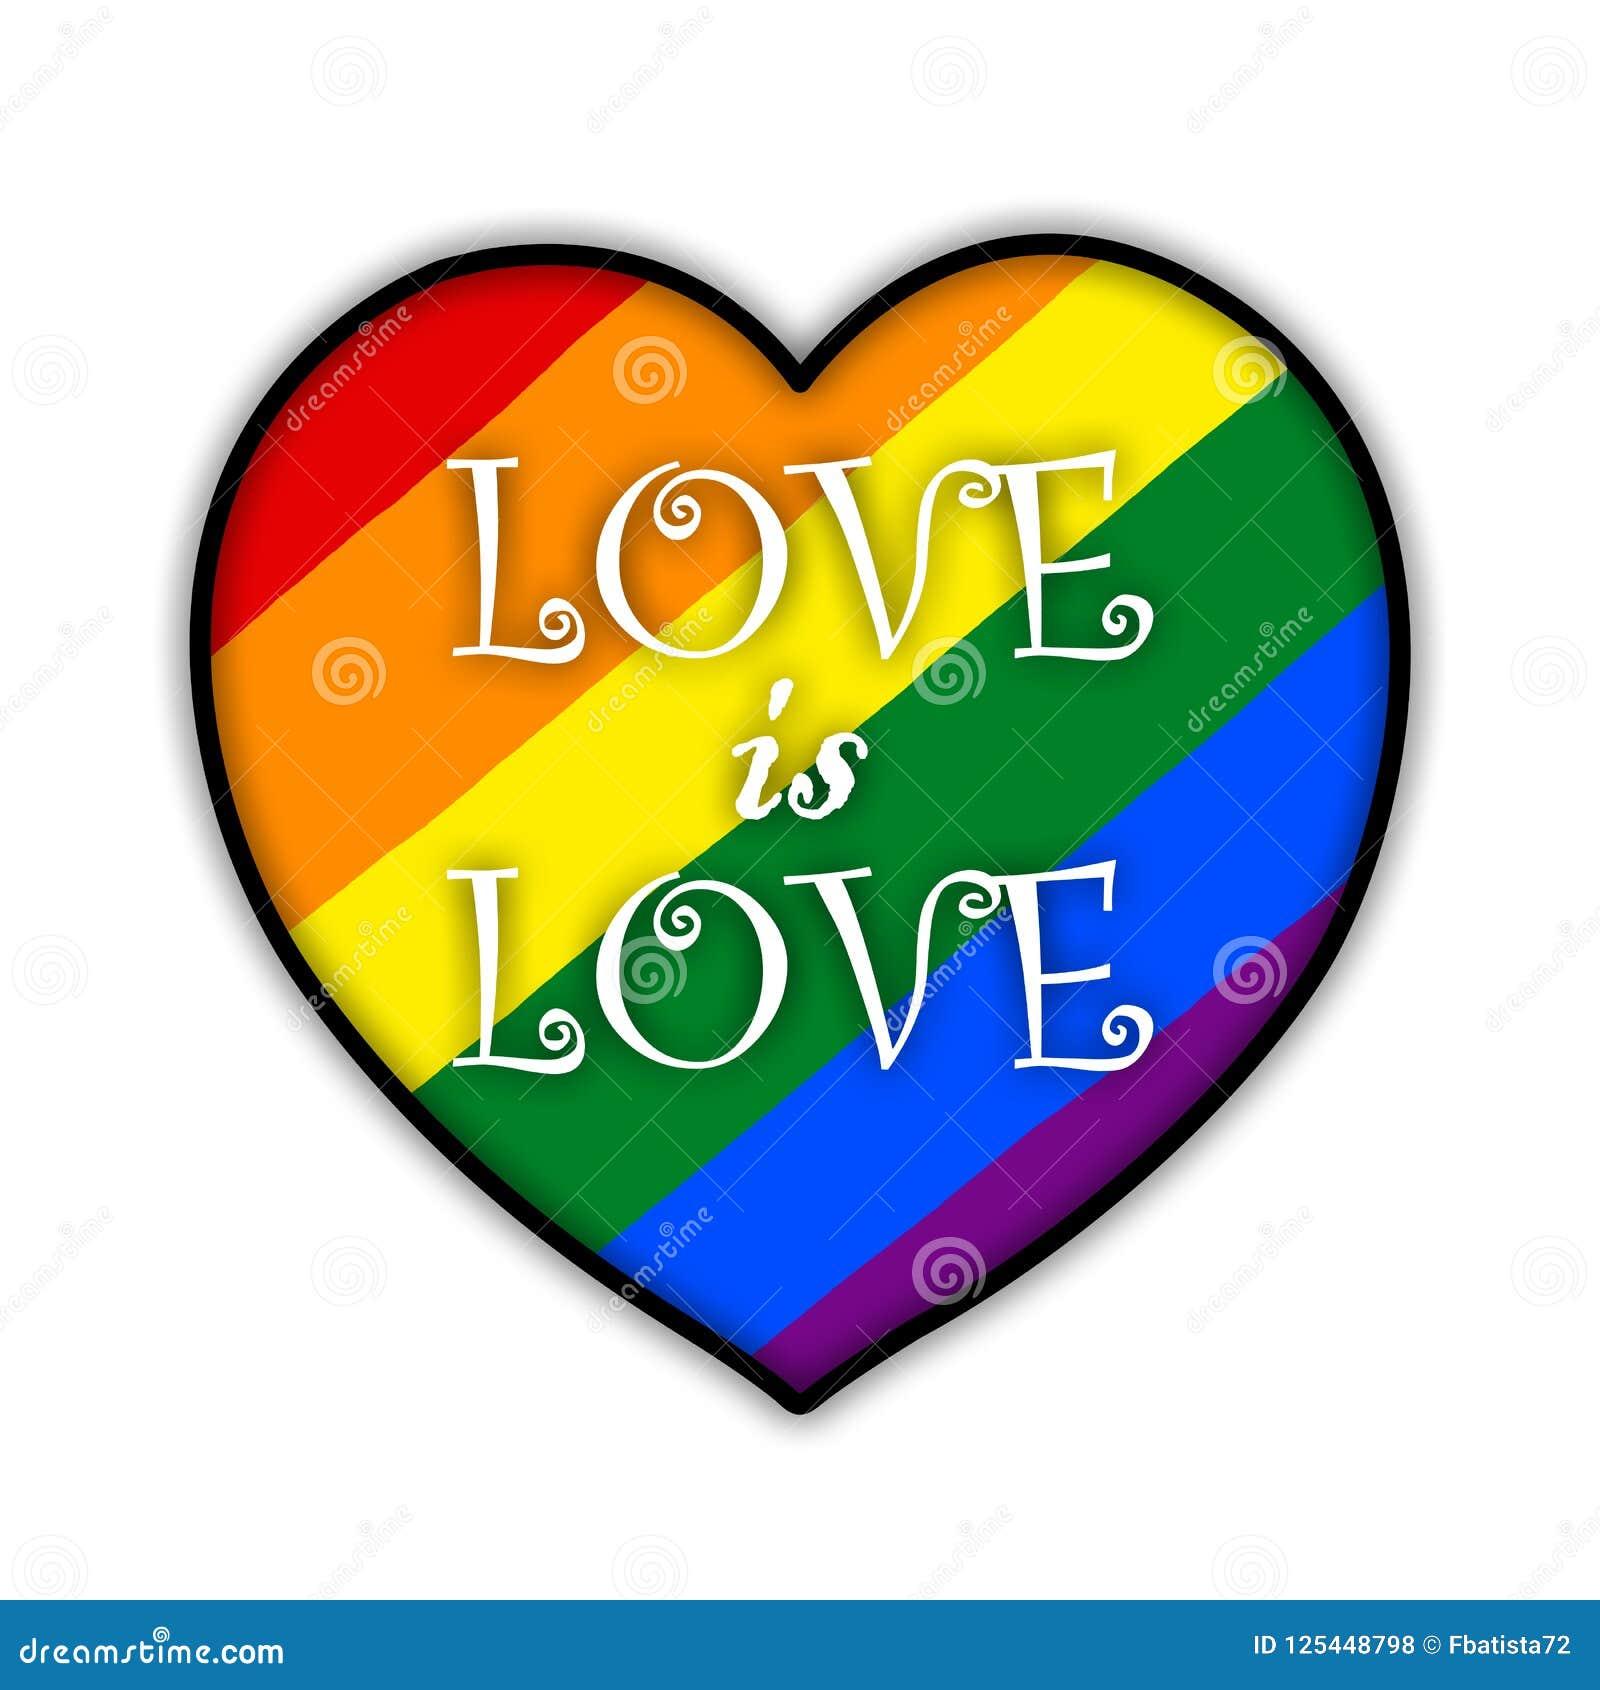 Rainbow Gay Pride Flag Heart Symbol Of Sexual Minorities Love In